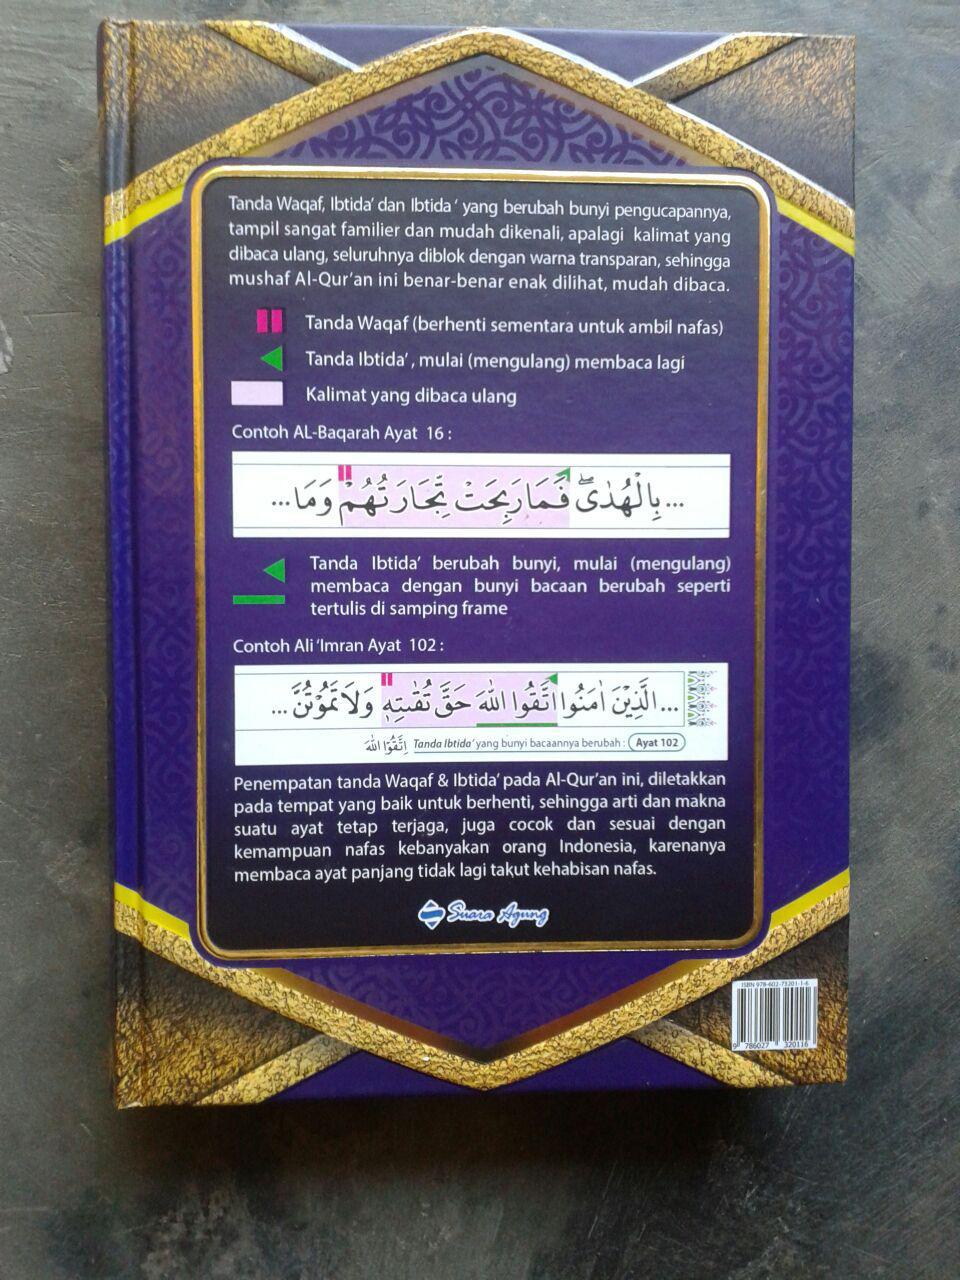 Al-Qur'an Dan Terjemah Dilengkapi Panduan Waqaf Dan Ibtida cover 2